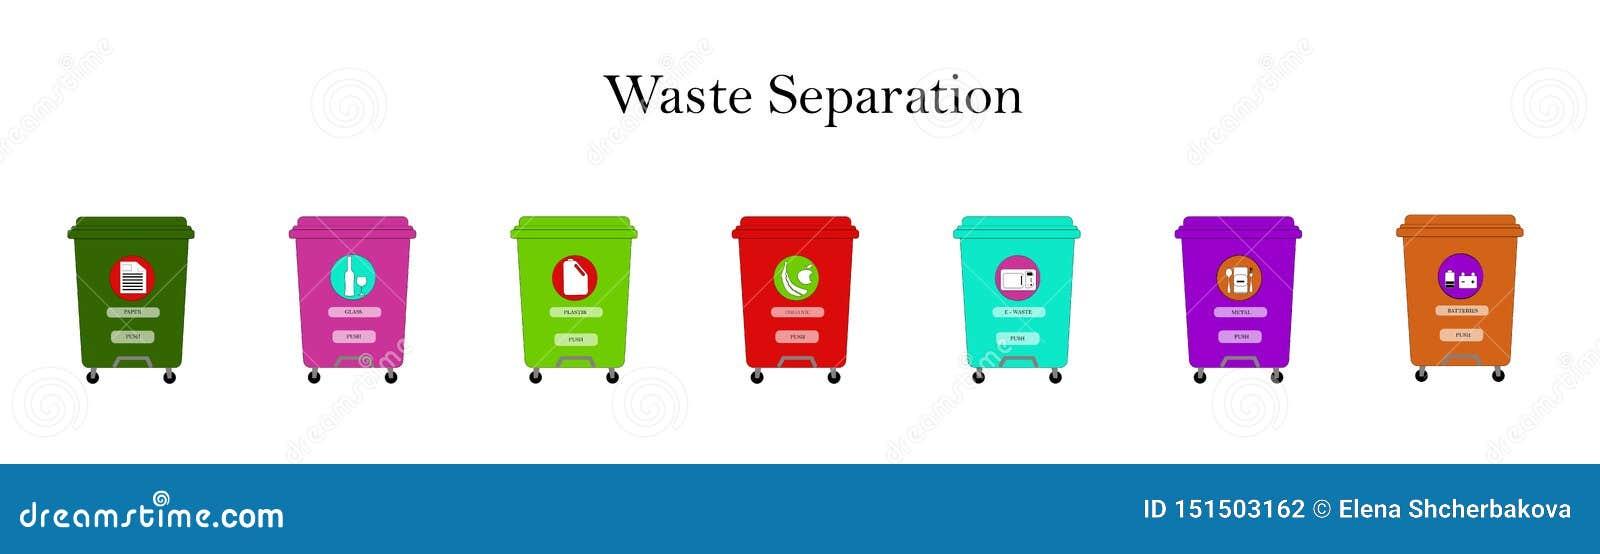 分离的废物多彩多姿的容器入类别:塑料,纸,金属,玻璃,有机,电子,在a的电池